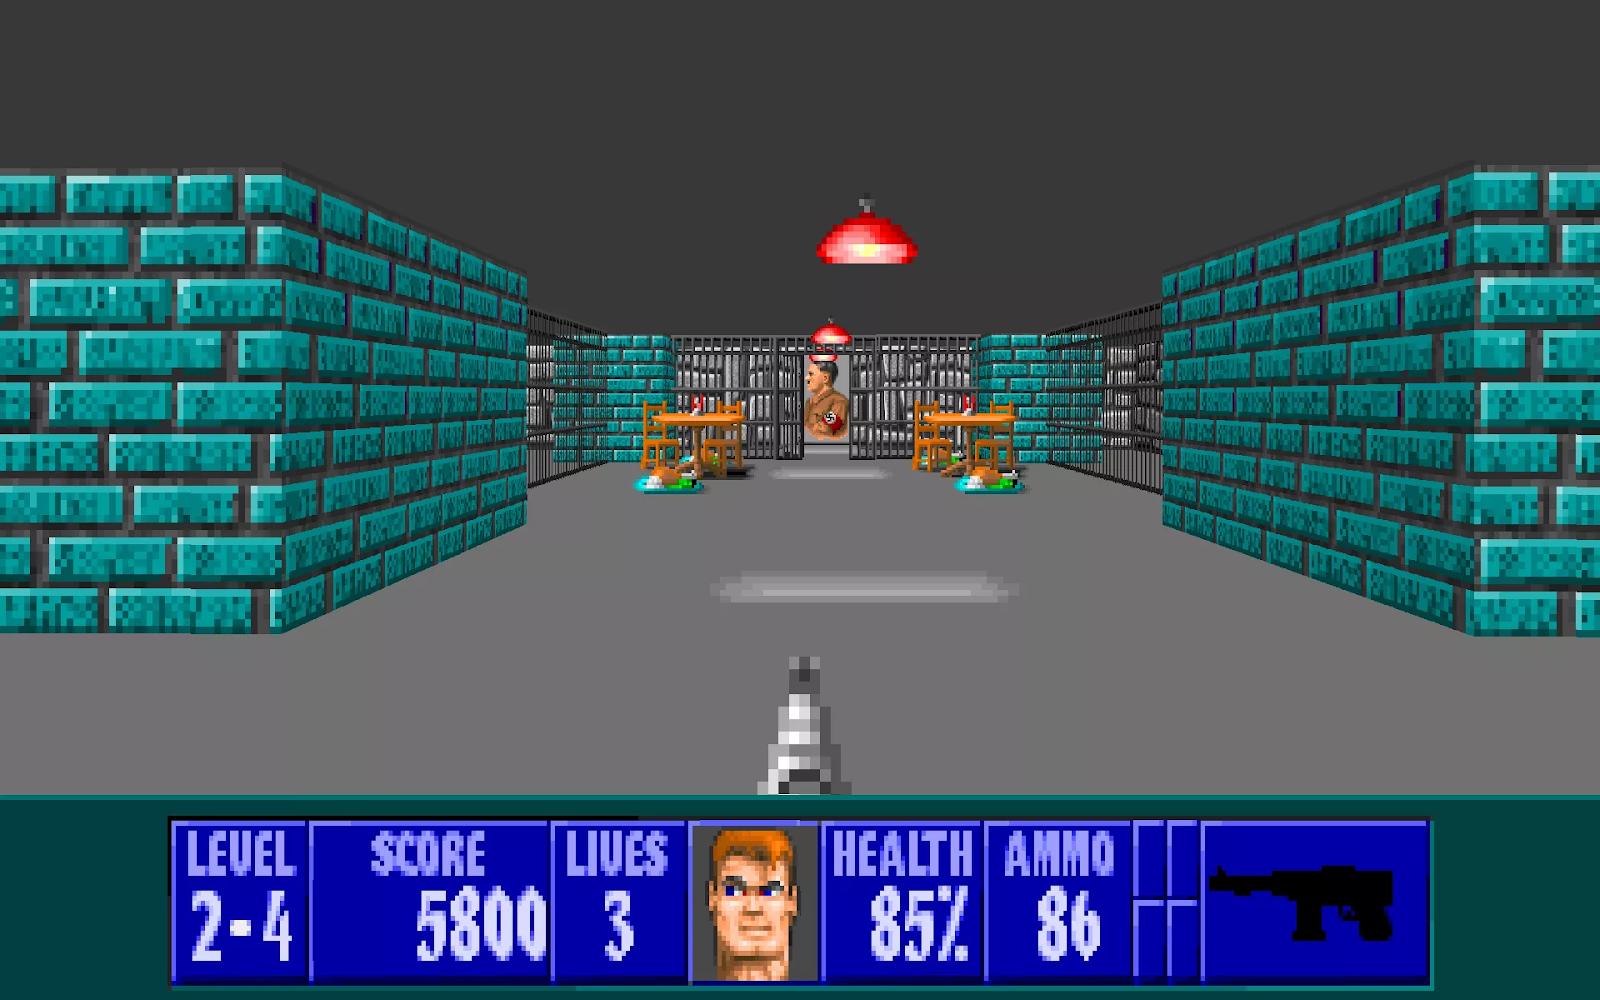 Заслужили бессмертие: игры, которые не дали по себе скучать - 2